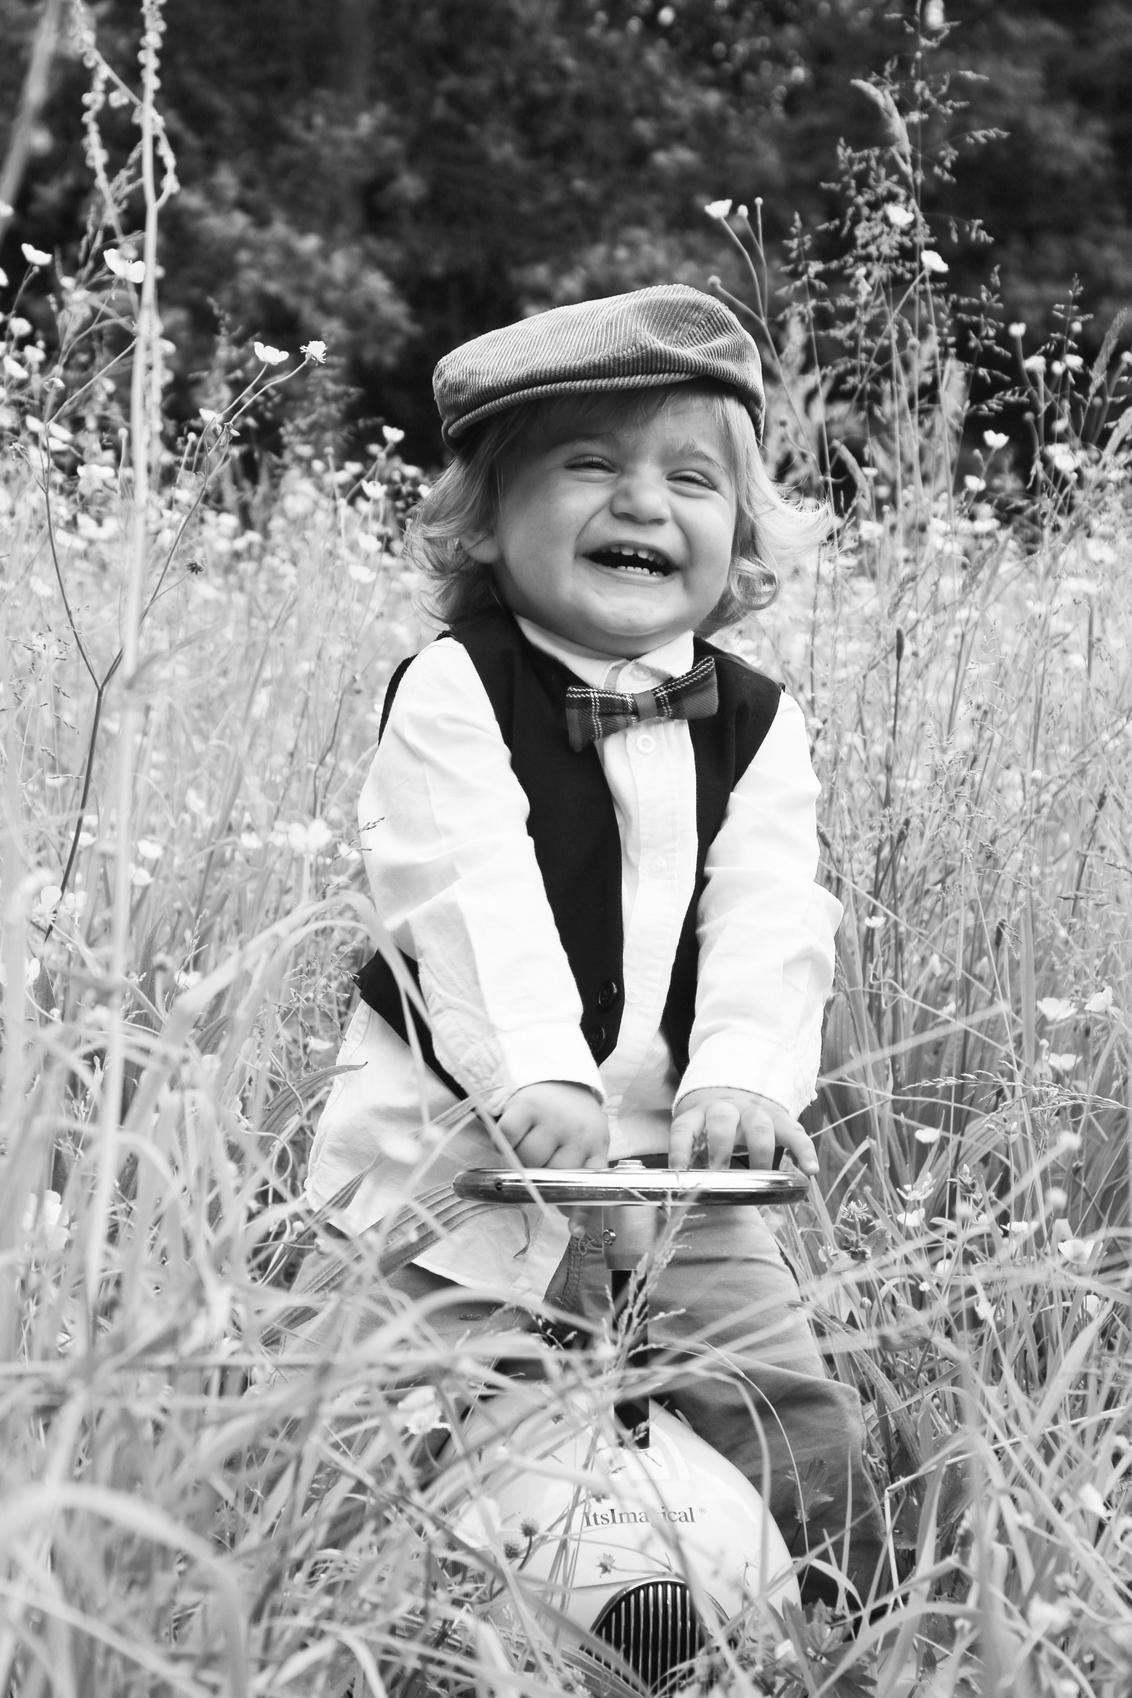 happy boy - broertje van Fay (vorige foto)  Kay op mijn loopfiets tussen de gele bloemen. - foto door APBFoto op 04-07-2014 - deze foto bevat: portret, kind, jongen, lief, beauty, zwartwit, loopfiets, bloemen veld